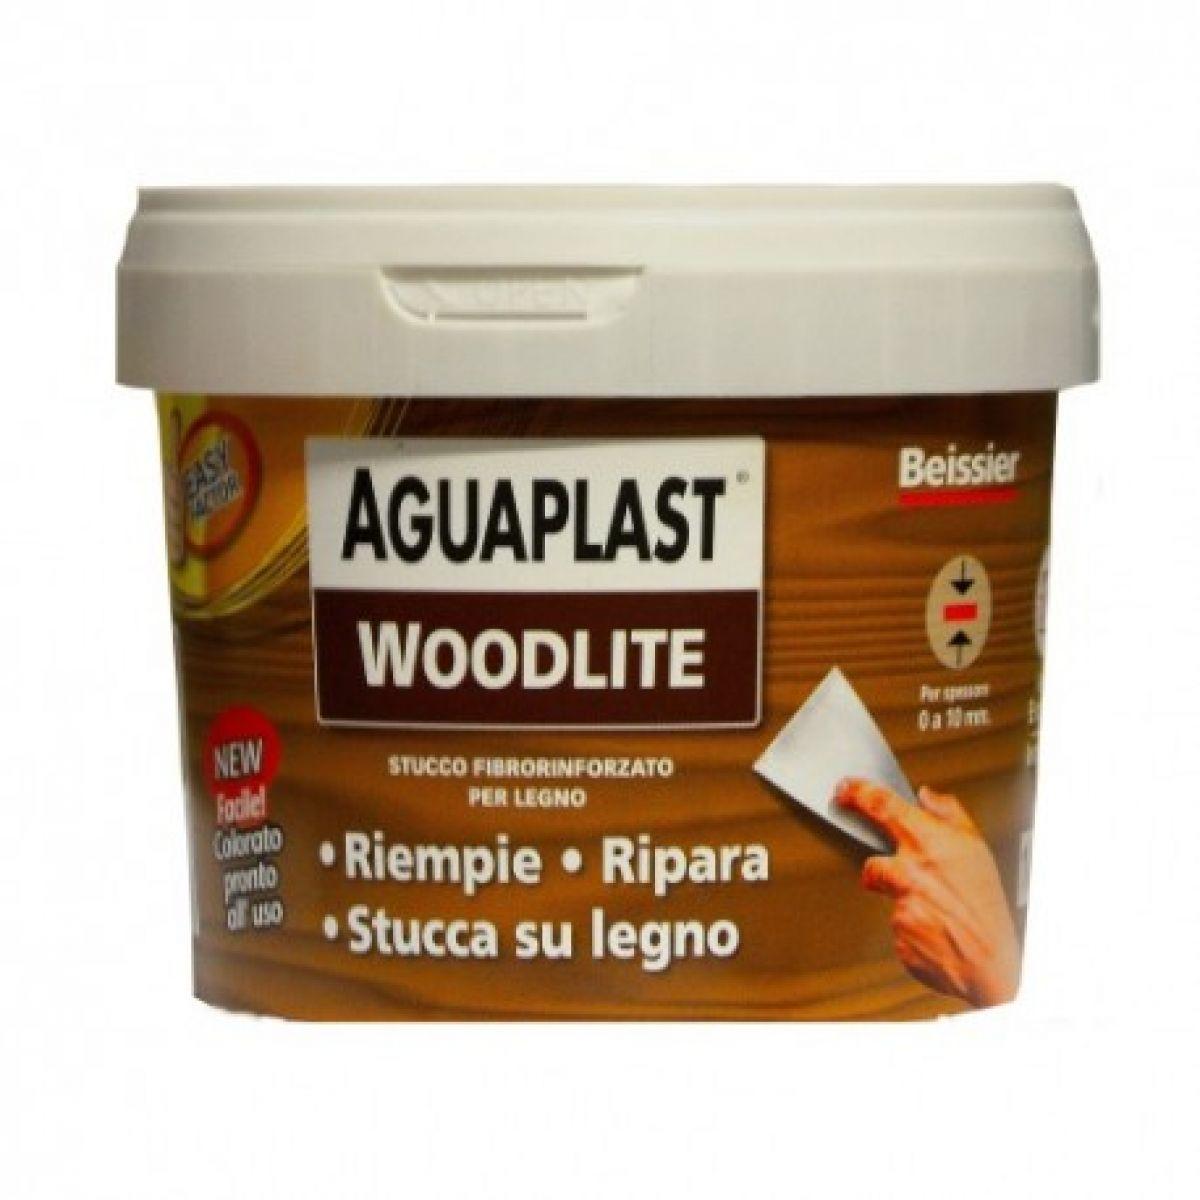 WOODLITE stucco fibrato per riempire buchi e crepe su legno, in mano unica senza ritiro, resistente alle crepe, non lascia aloni